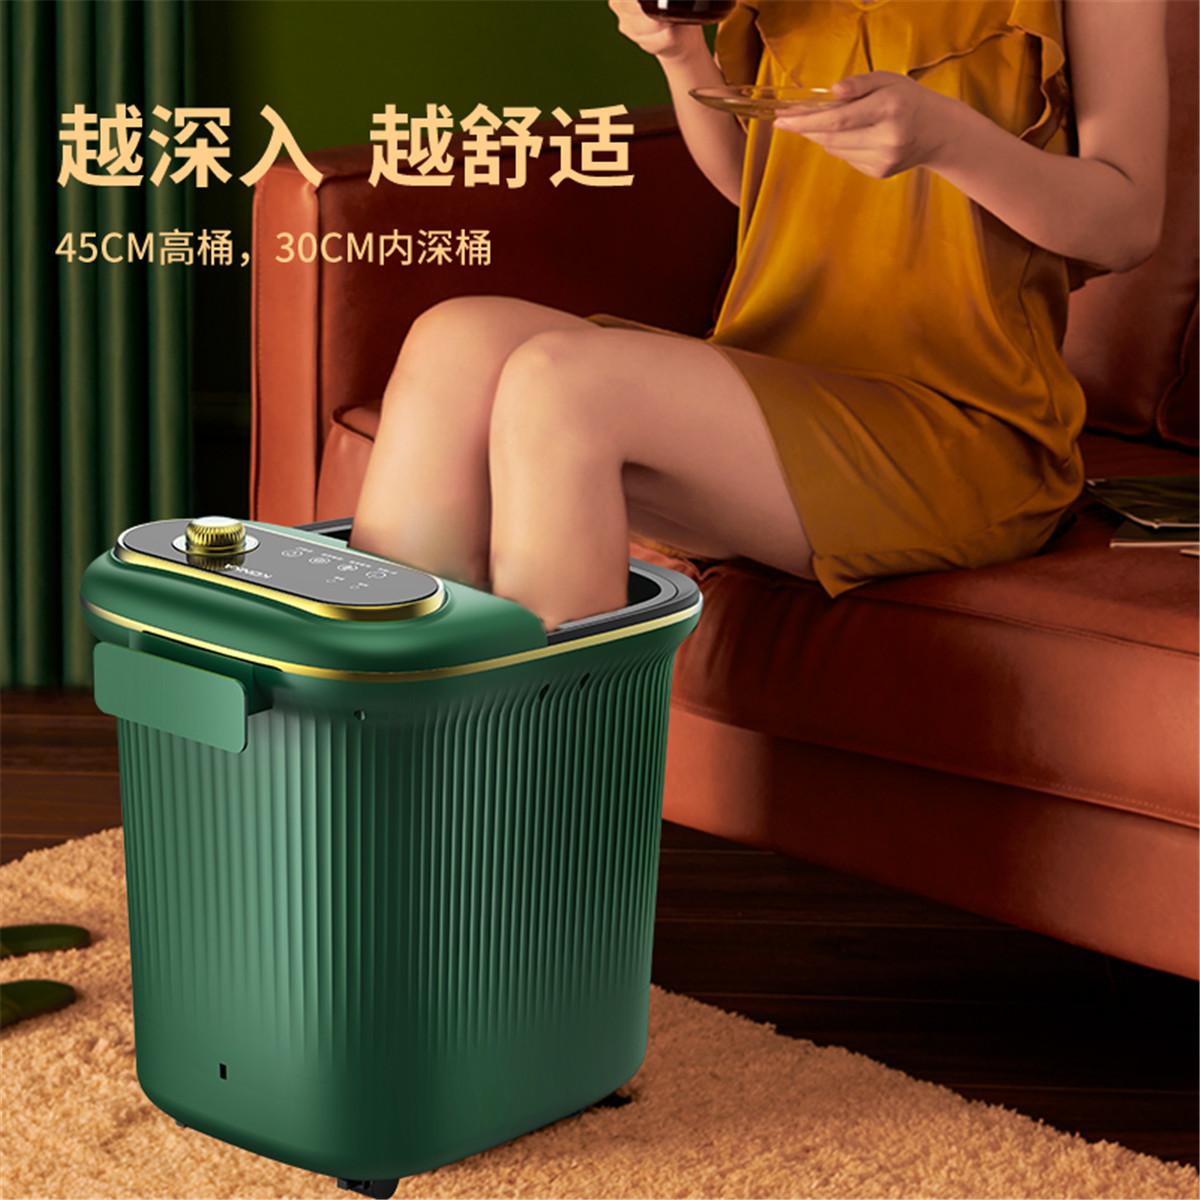 足浴盆全自动按摩洗脚电动多功能深桶加热神器恒温家用泡脚桶